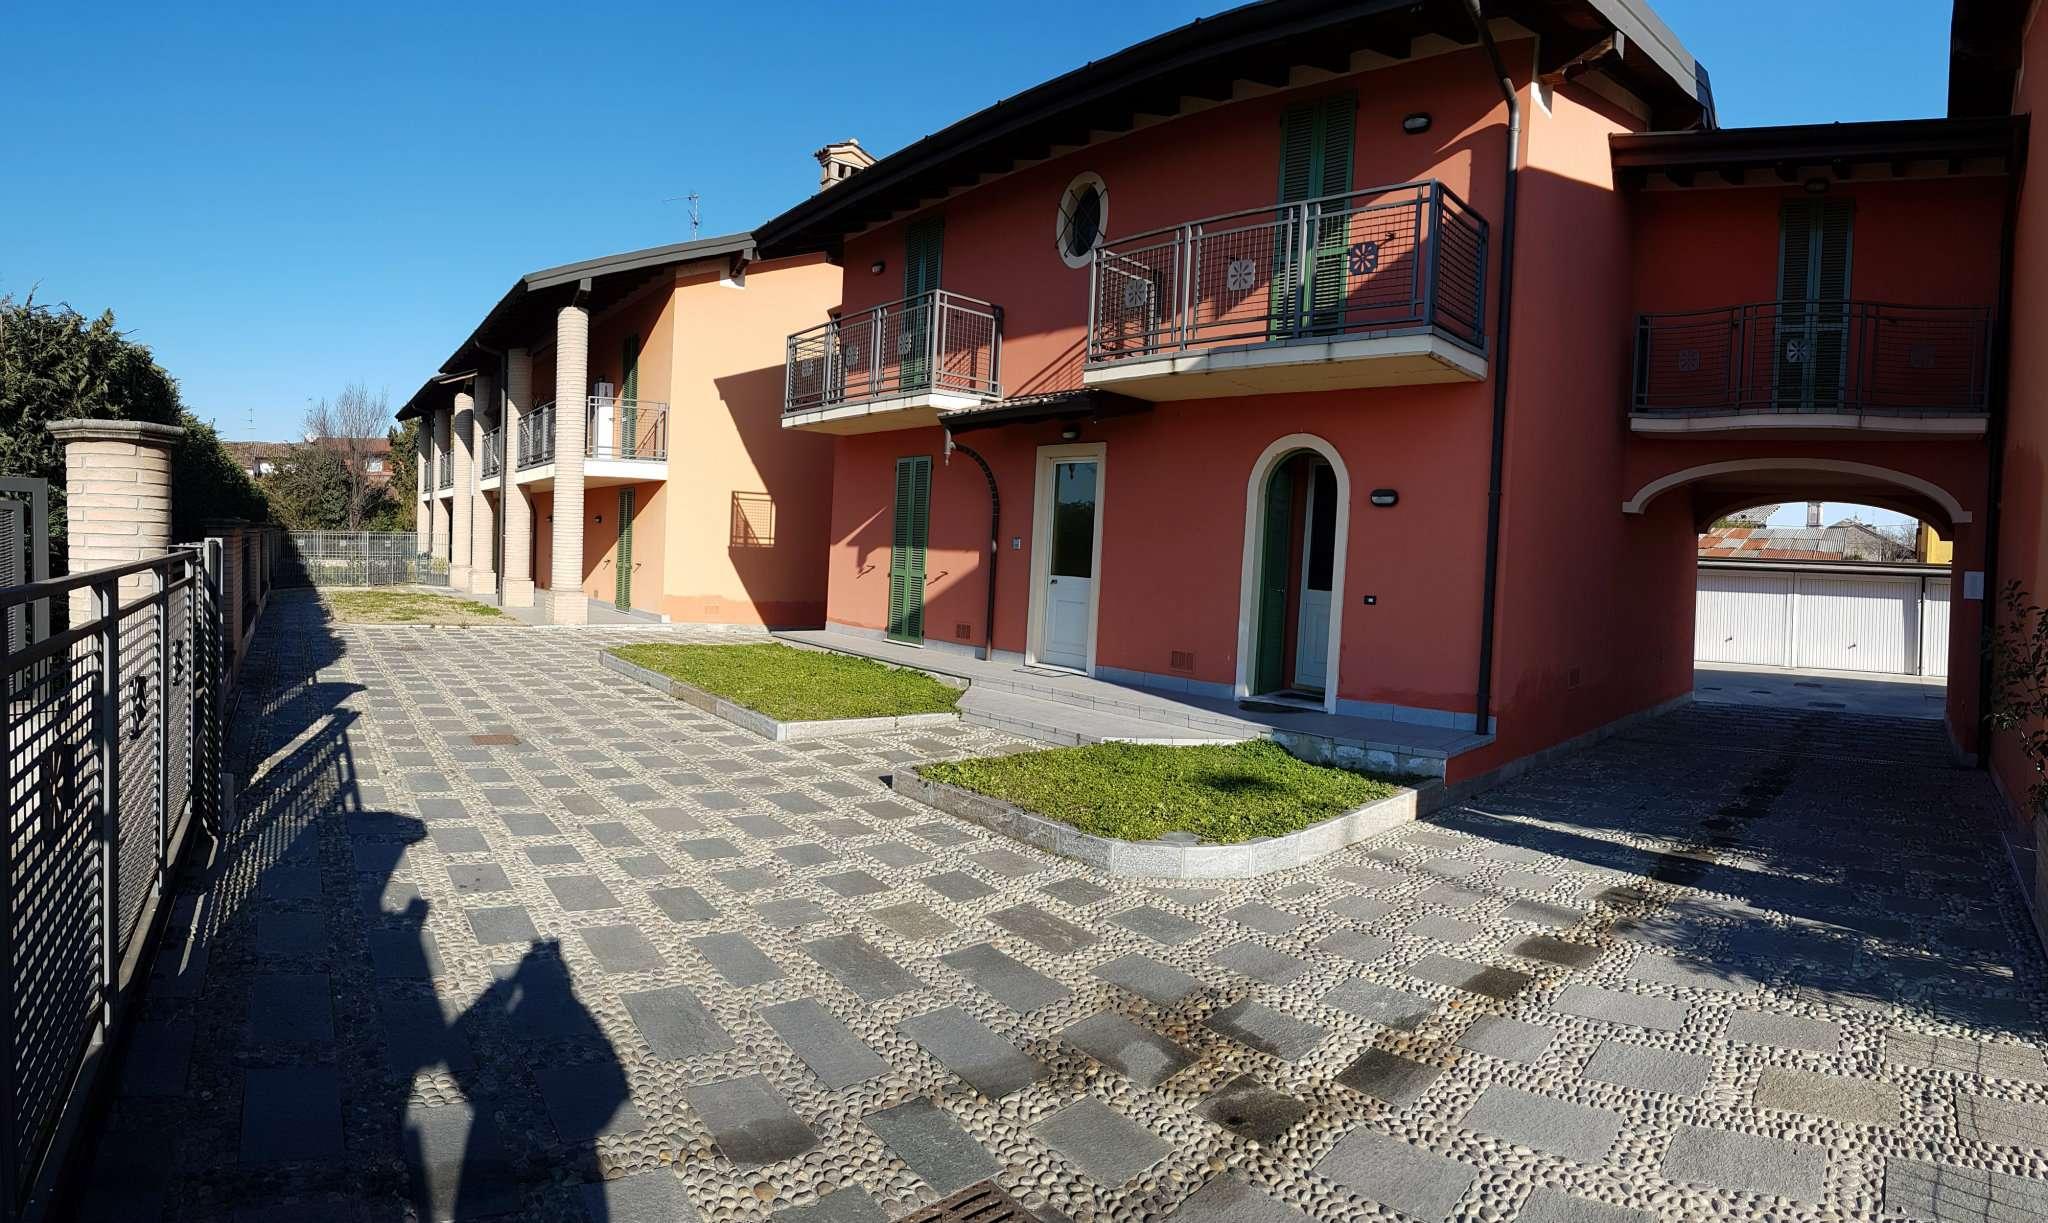 Appartamento in vendita a Castelleone, 3 locali, prezzo € 125.000 | CambioCasa.it